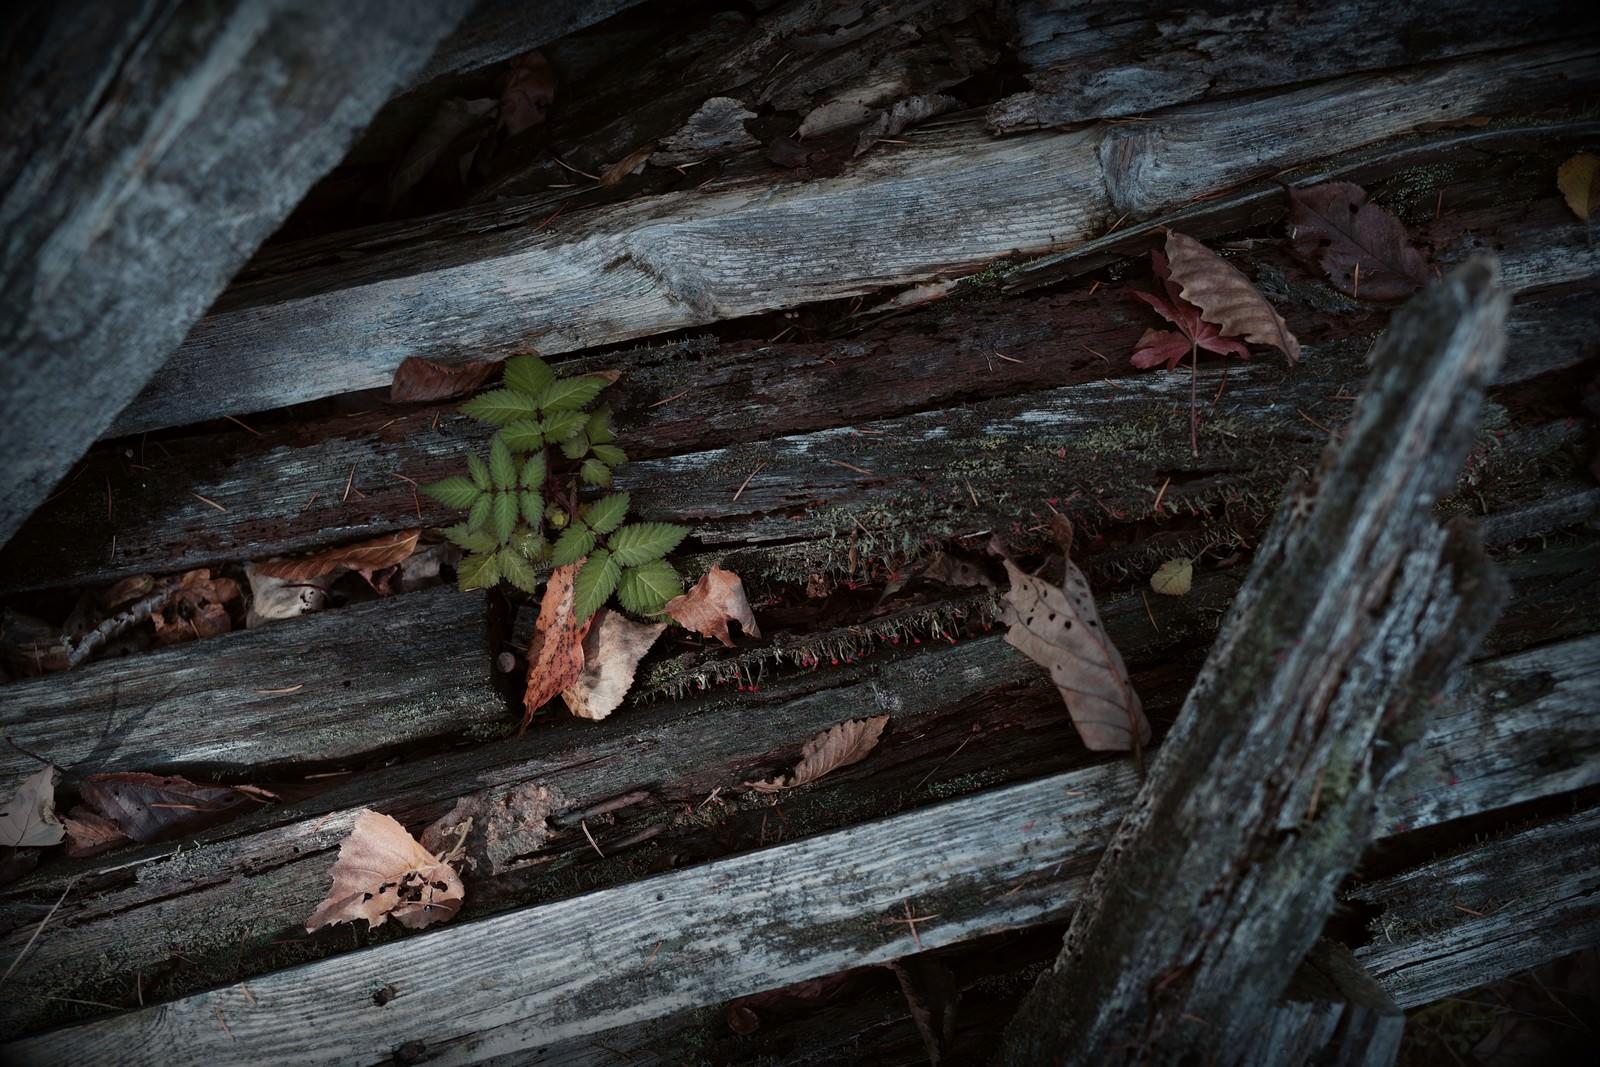 「乱雑に置かれた廃材とじめじめした箇所から生えるきのこ」の写真